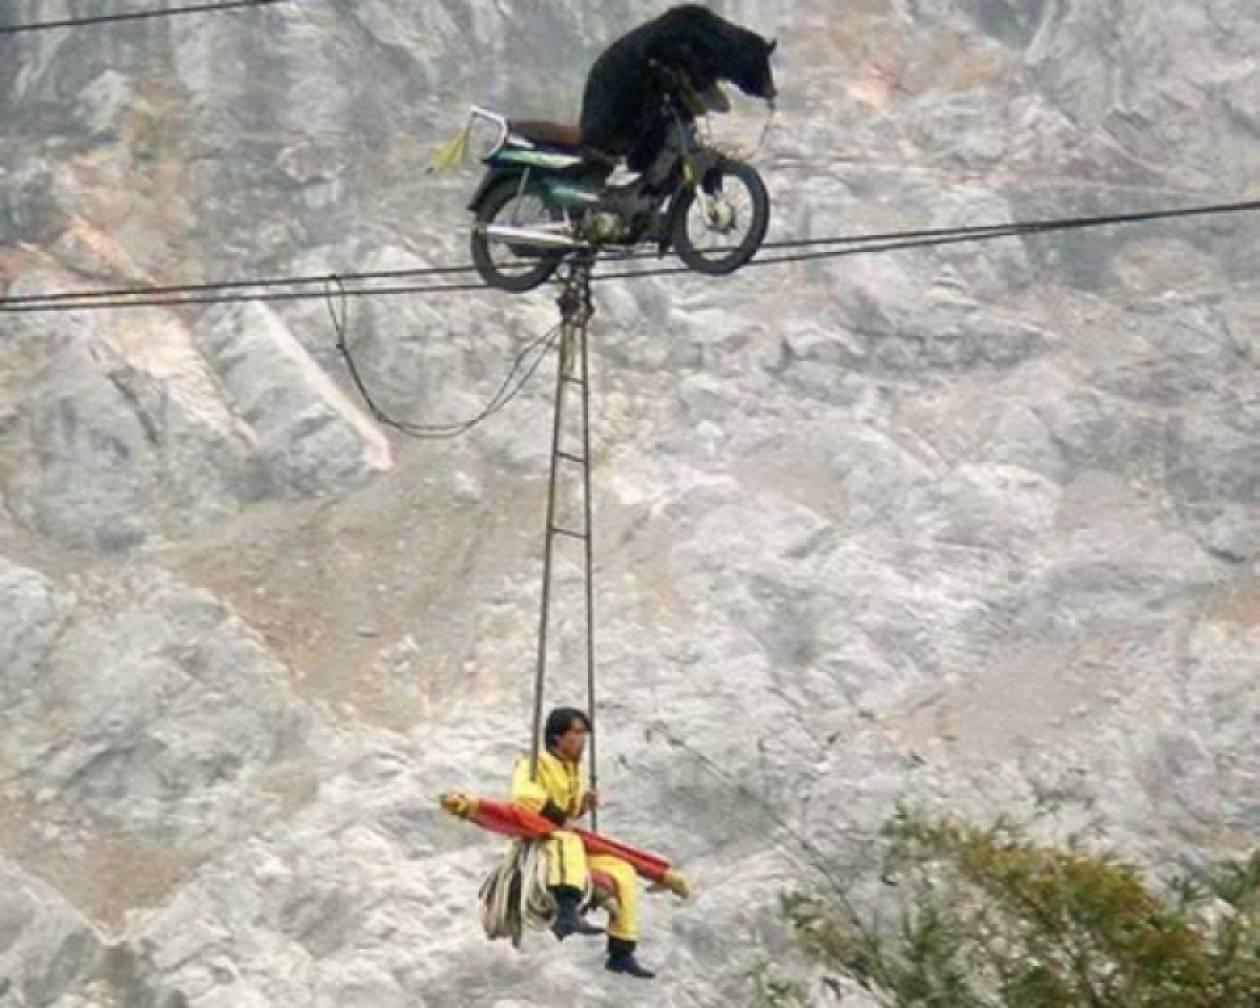 Τα δέκα πιο επικίνδυνα ακροβατικά πάνω σε σκοινί!